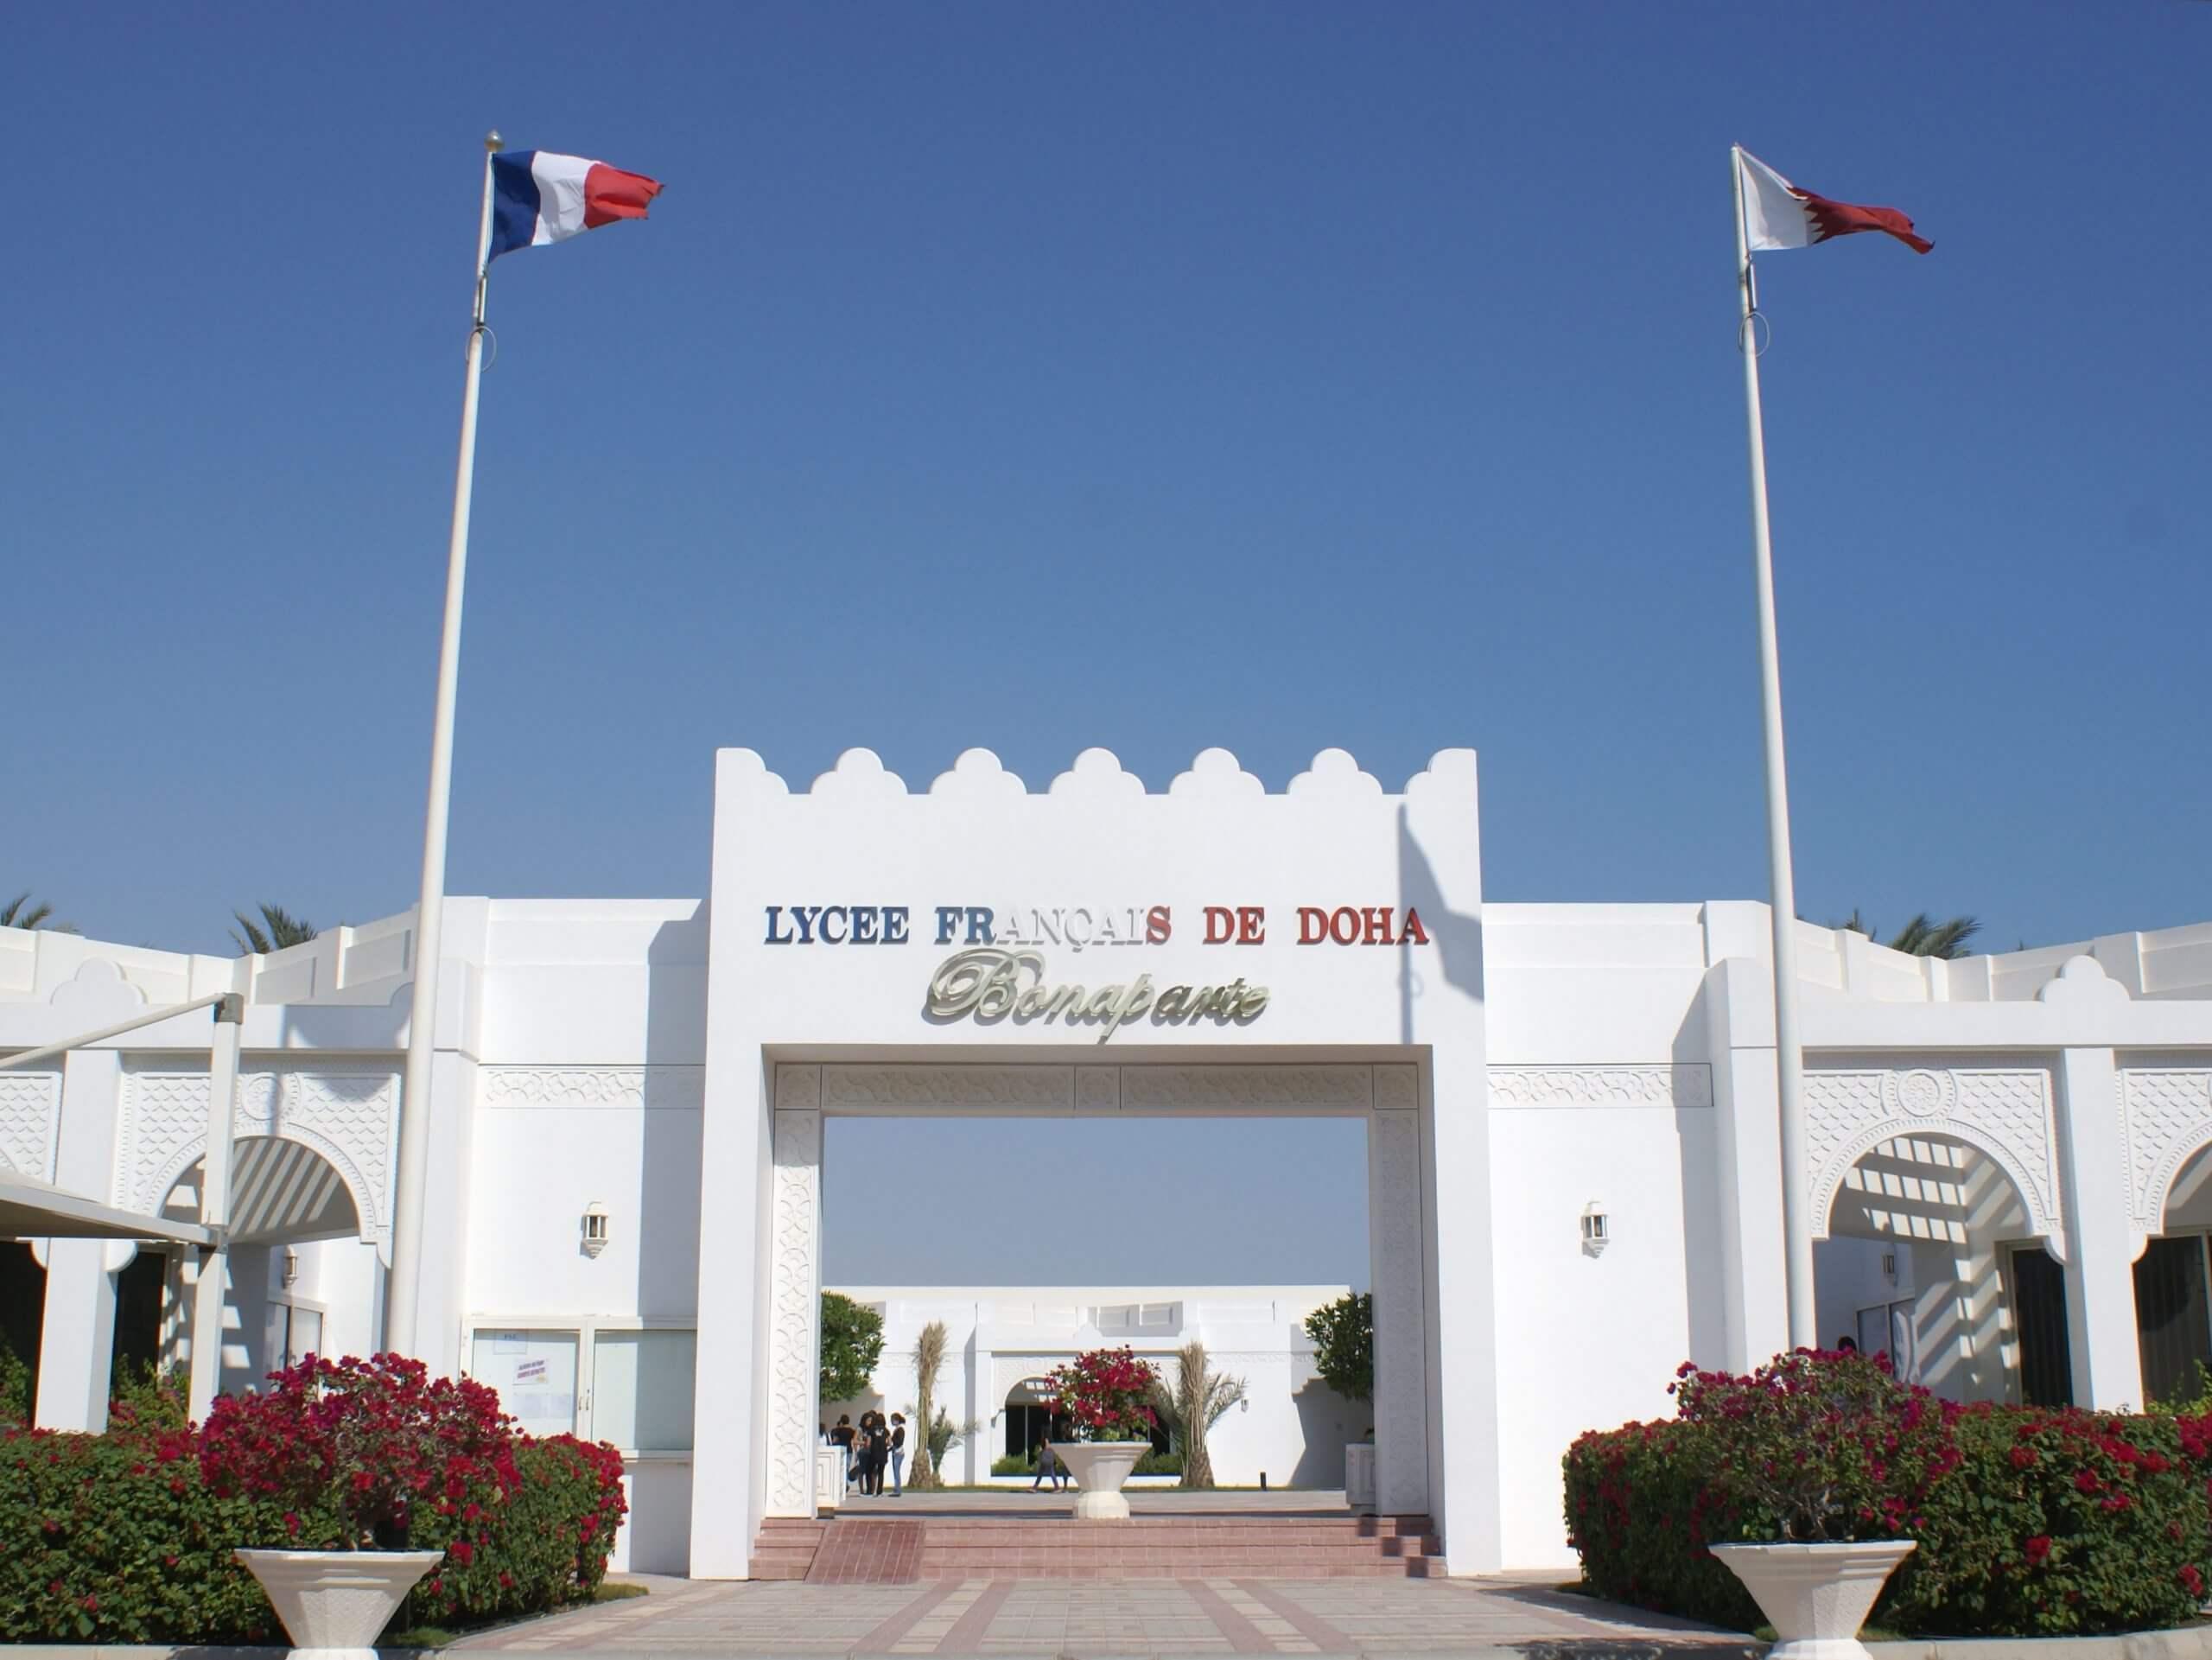 Bonaparte School Building with Flags